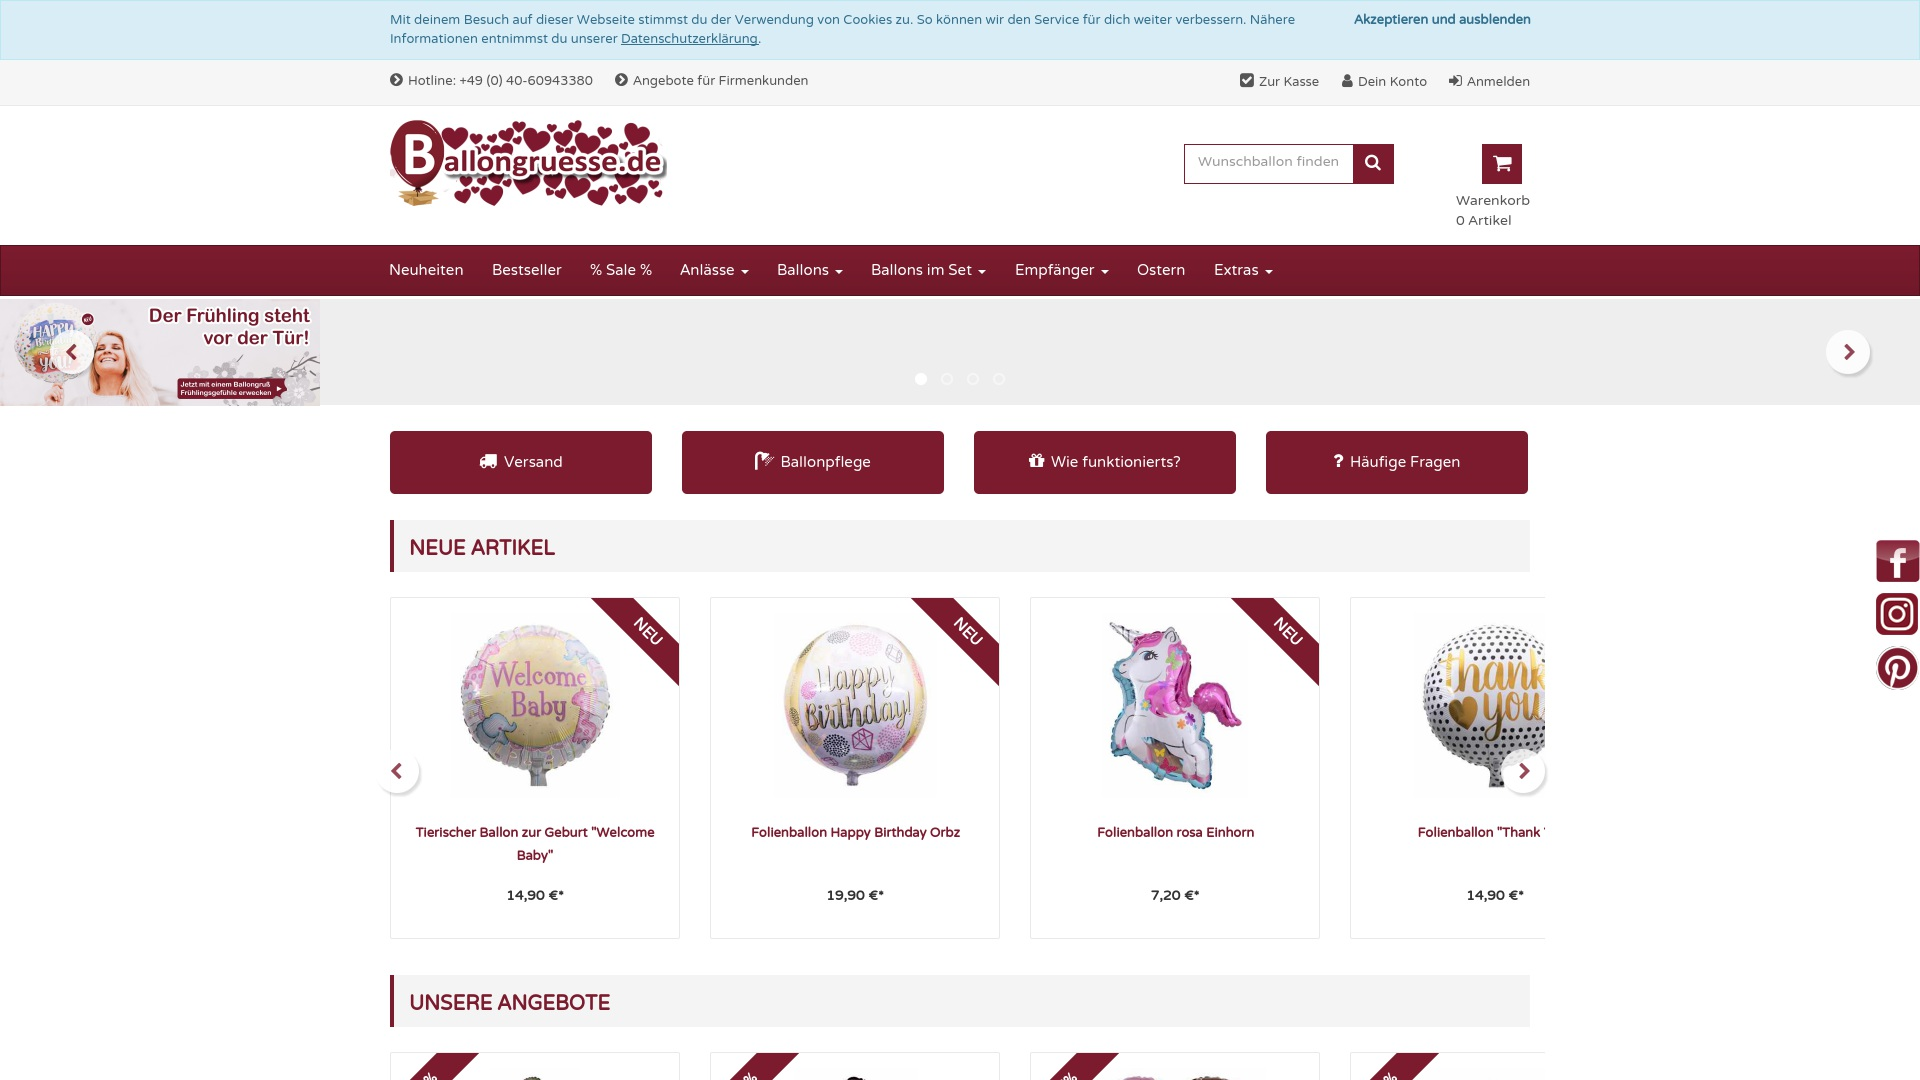 Gutschein für Ballongruesse: Rabatte für  Ballongruesse sichern